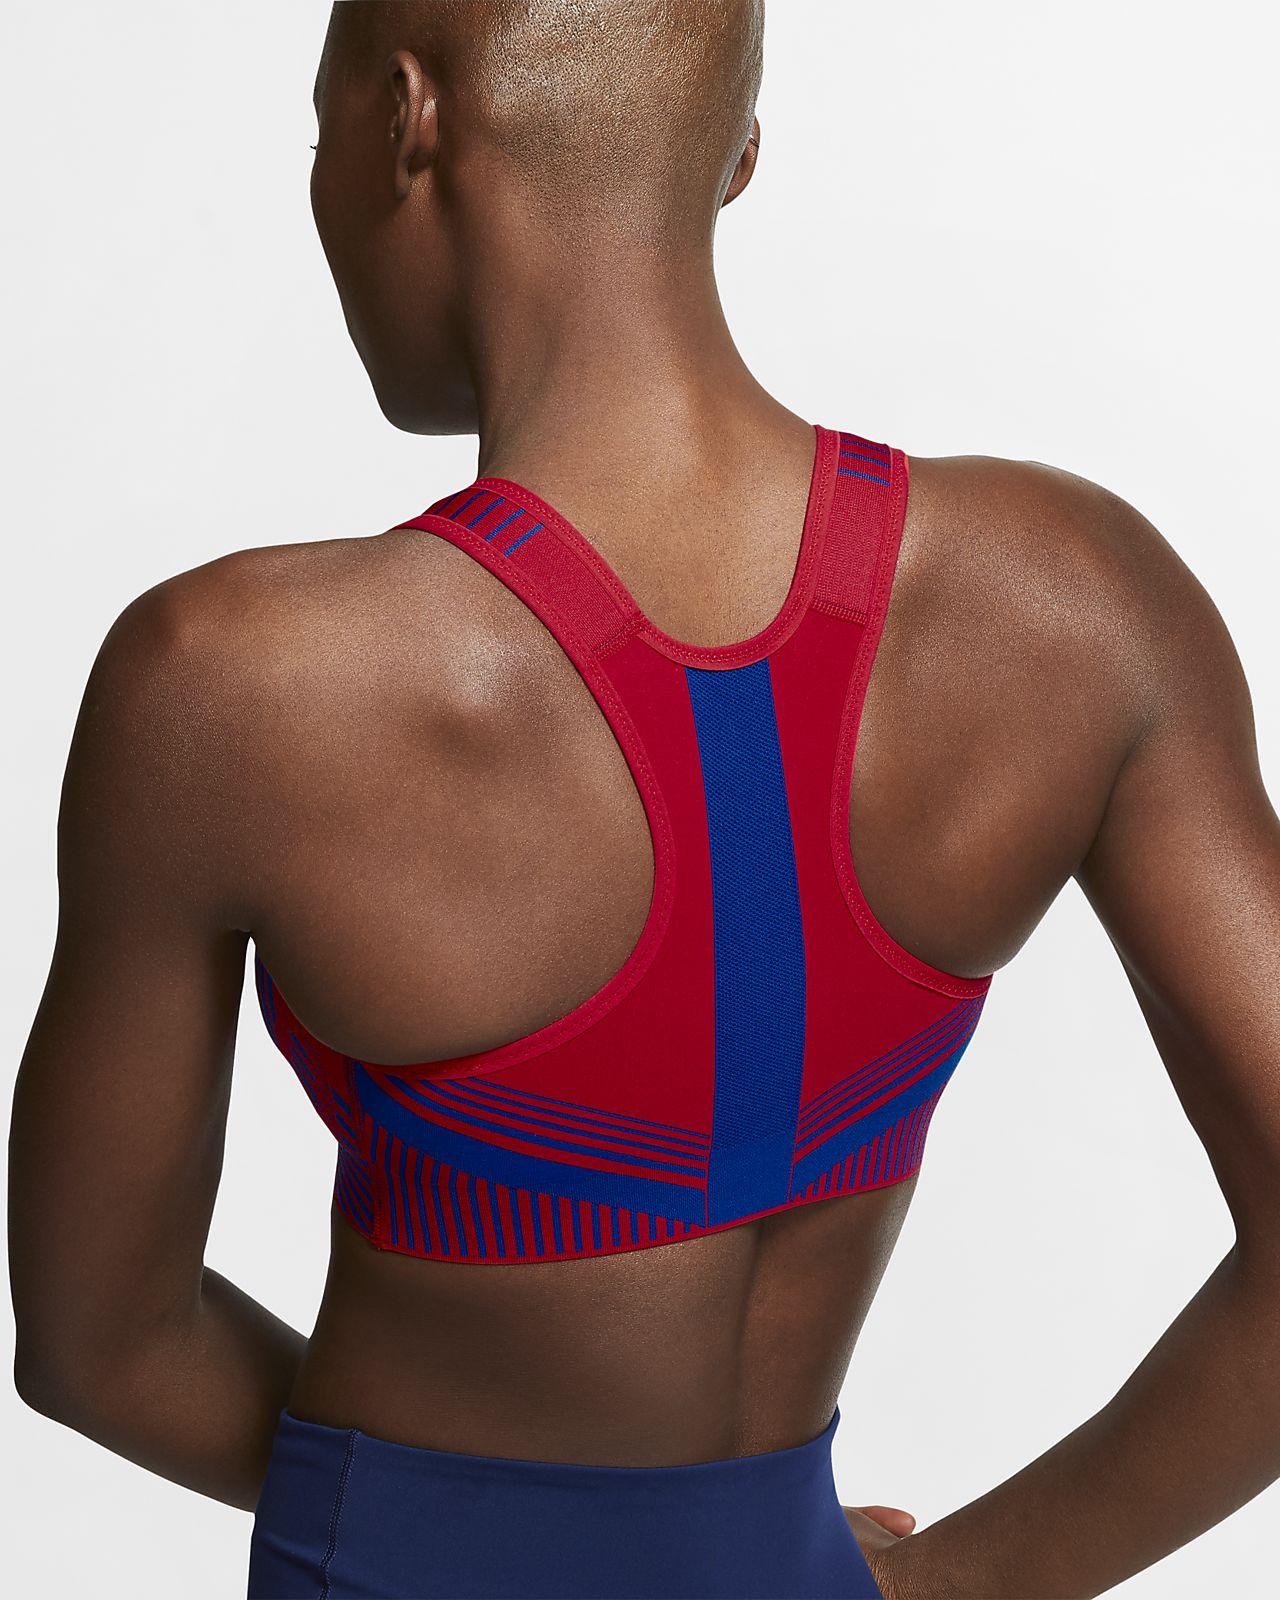 634b84605100 Sport-BH Nike FE/NOM Flyknit med mycket stöd för kvinnor. Nike.com SE